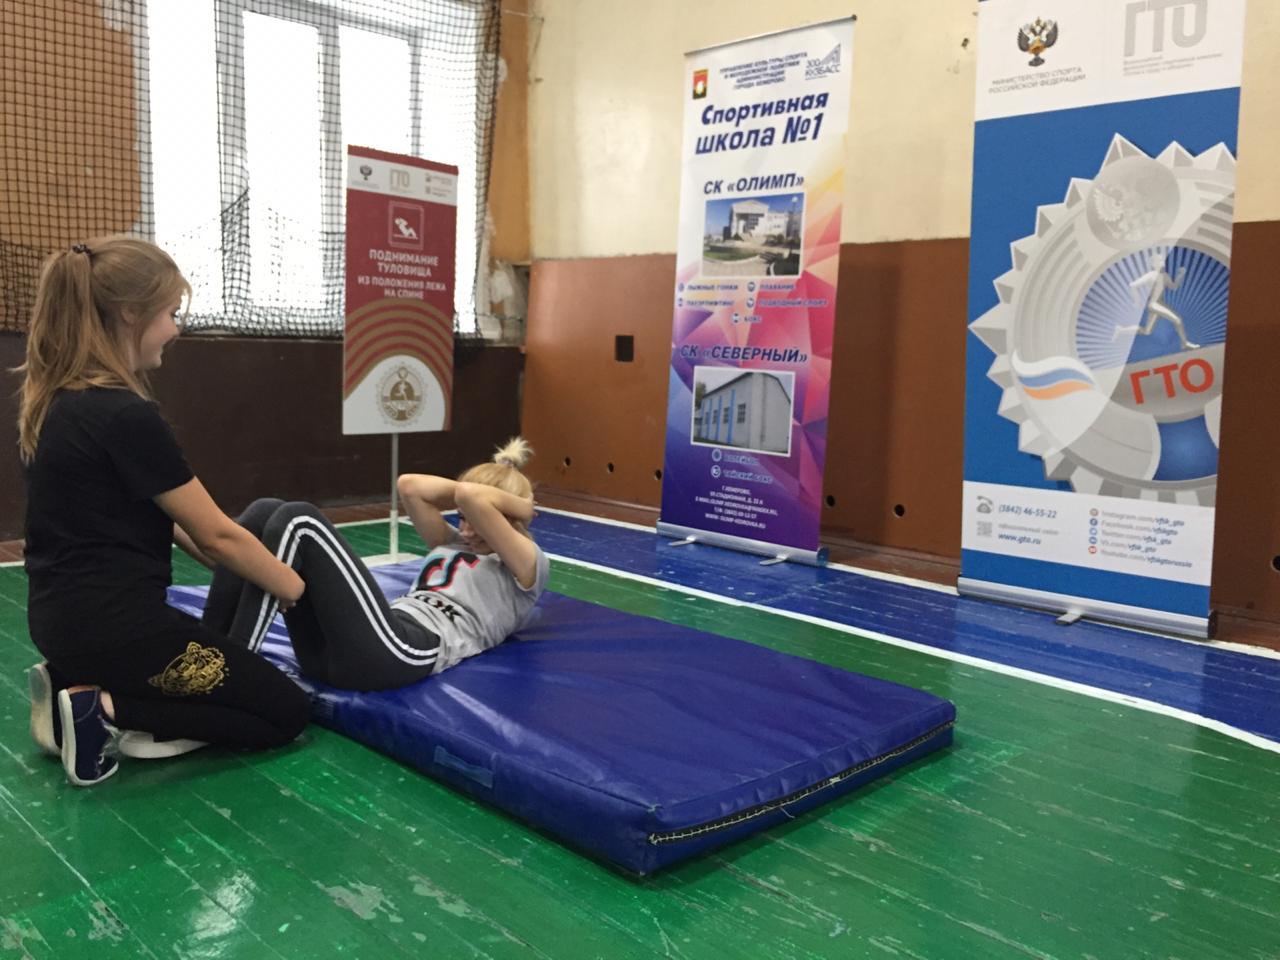 Студенты Кемеровского горнотехнического техникума продолжают принимать участие в фестивале-марафоне «Студенчество Кузбасса выбирает ГТО!»